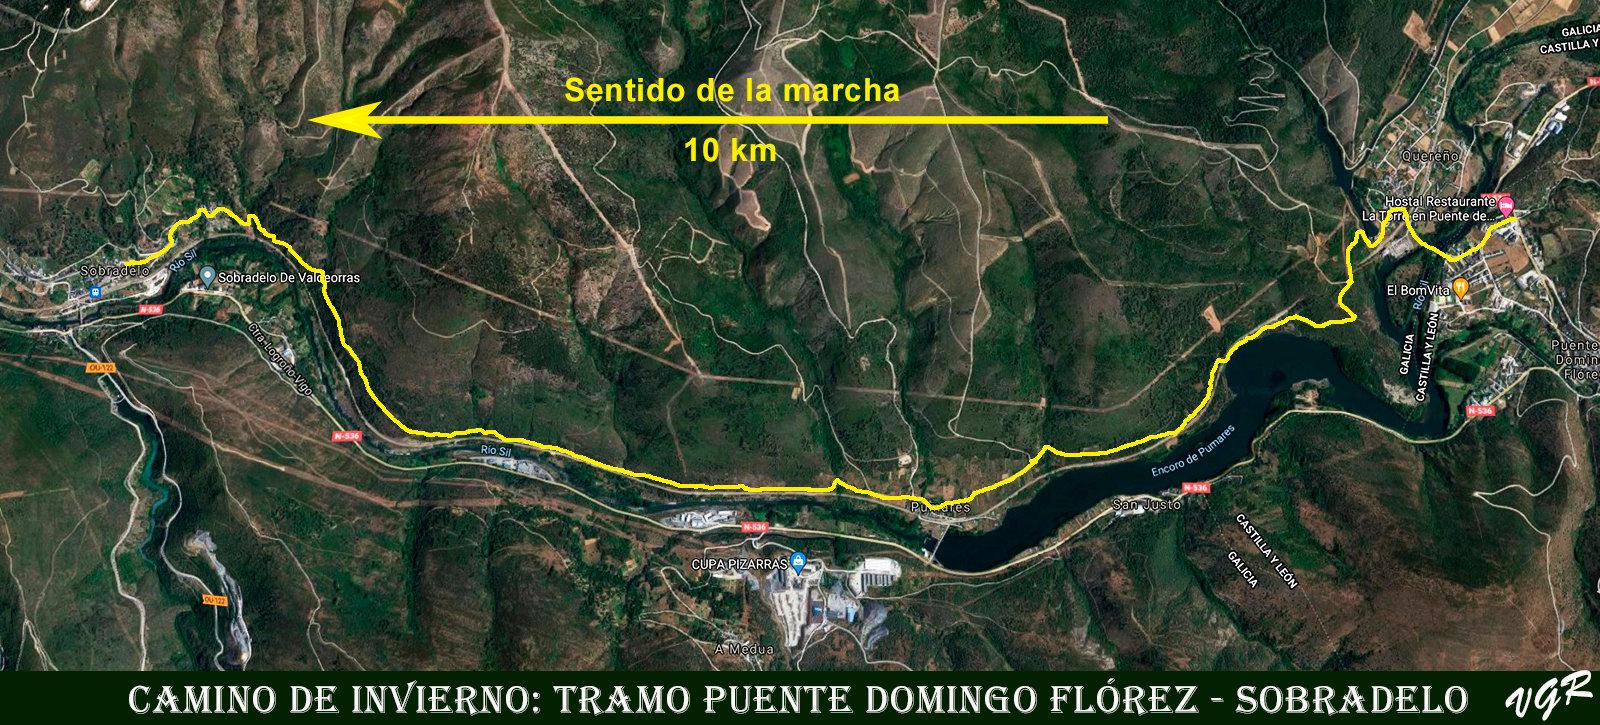 0-Mapa tramo-puente domingo florez-sobradelo-WEB.jpg